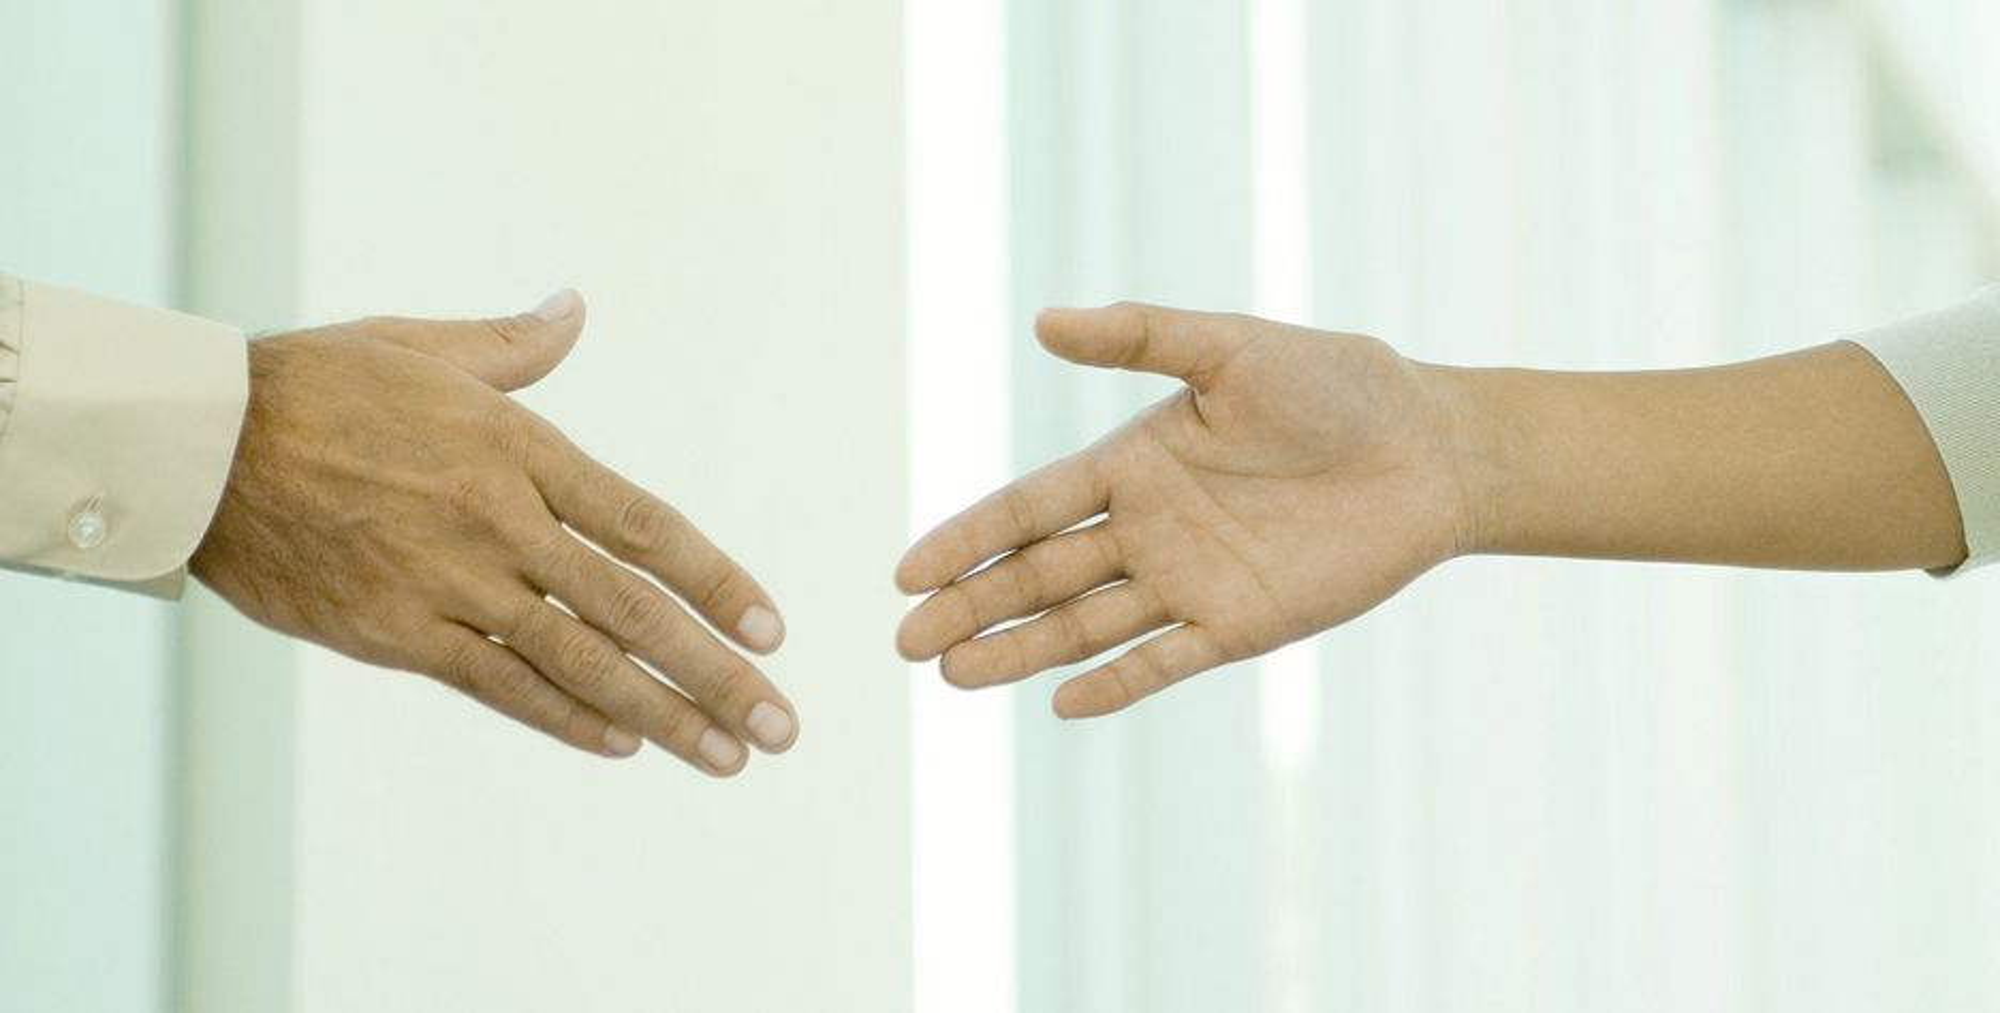 HJELP OSS: Mangler din kontrakt på vår oversikt? Tips oss på nettdesk@tu.no.